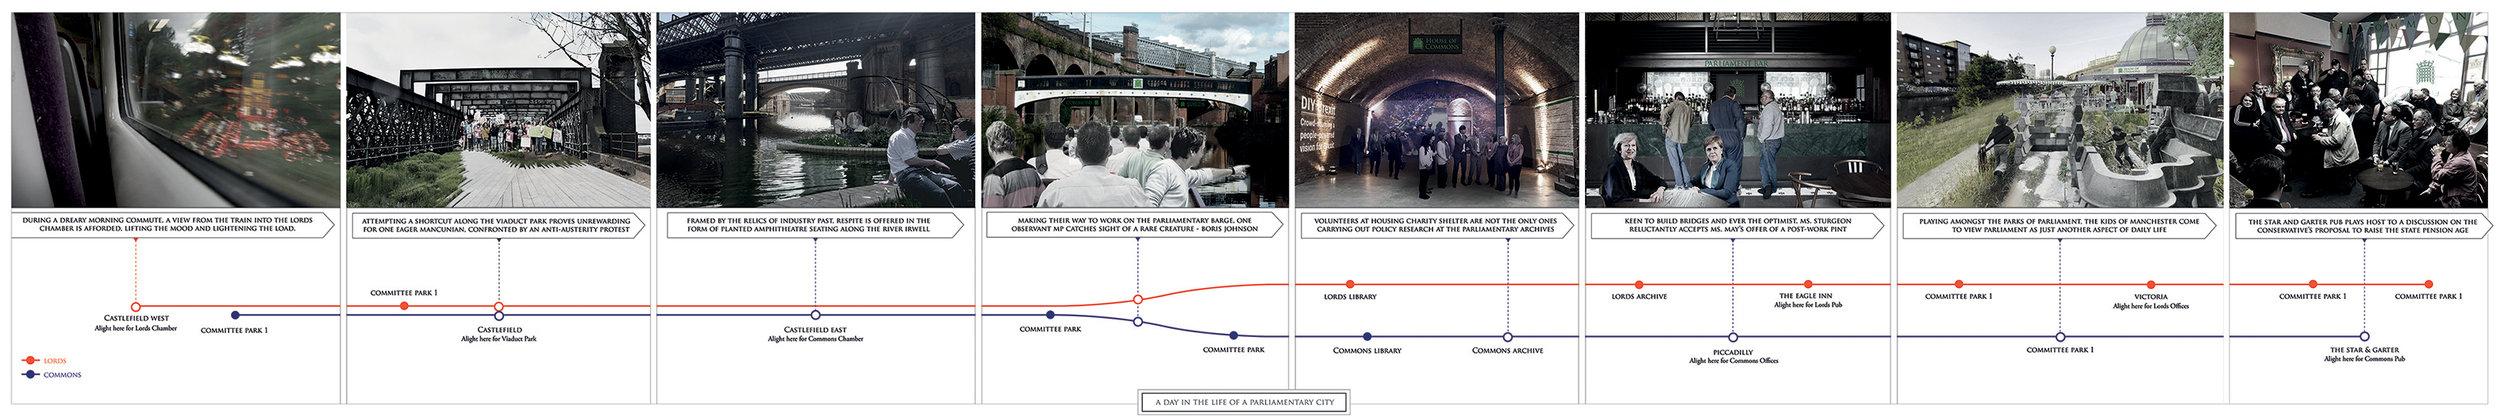 Collage timeline reduced.jpg